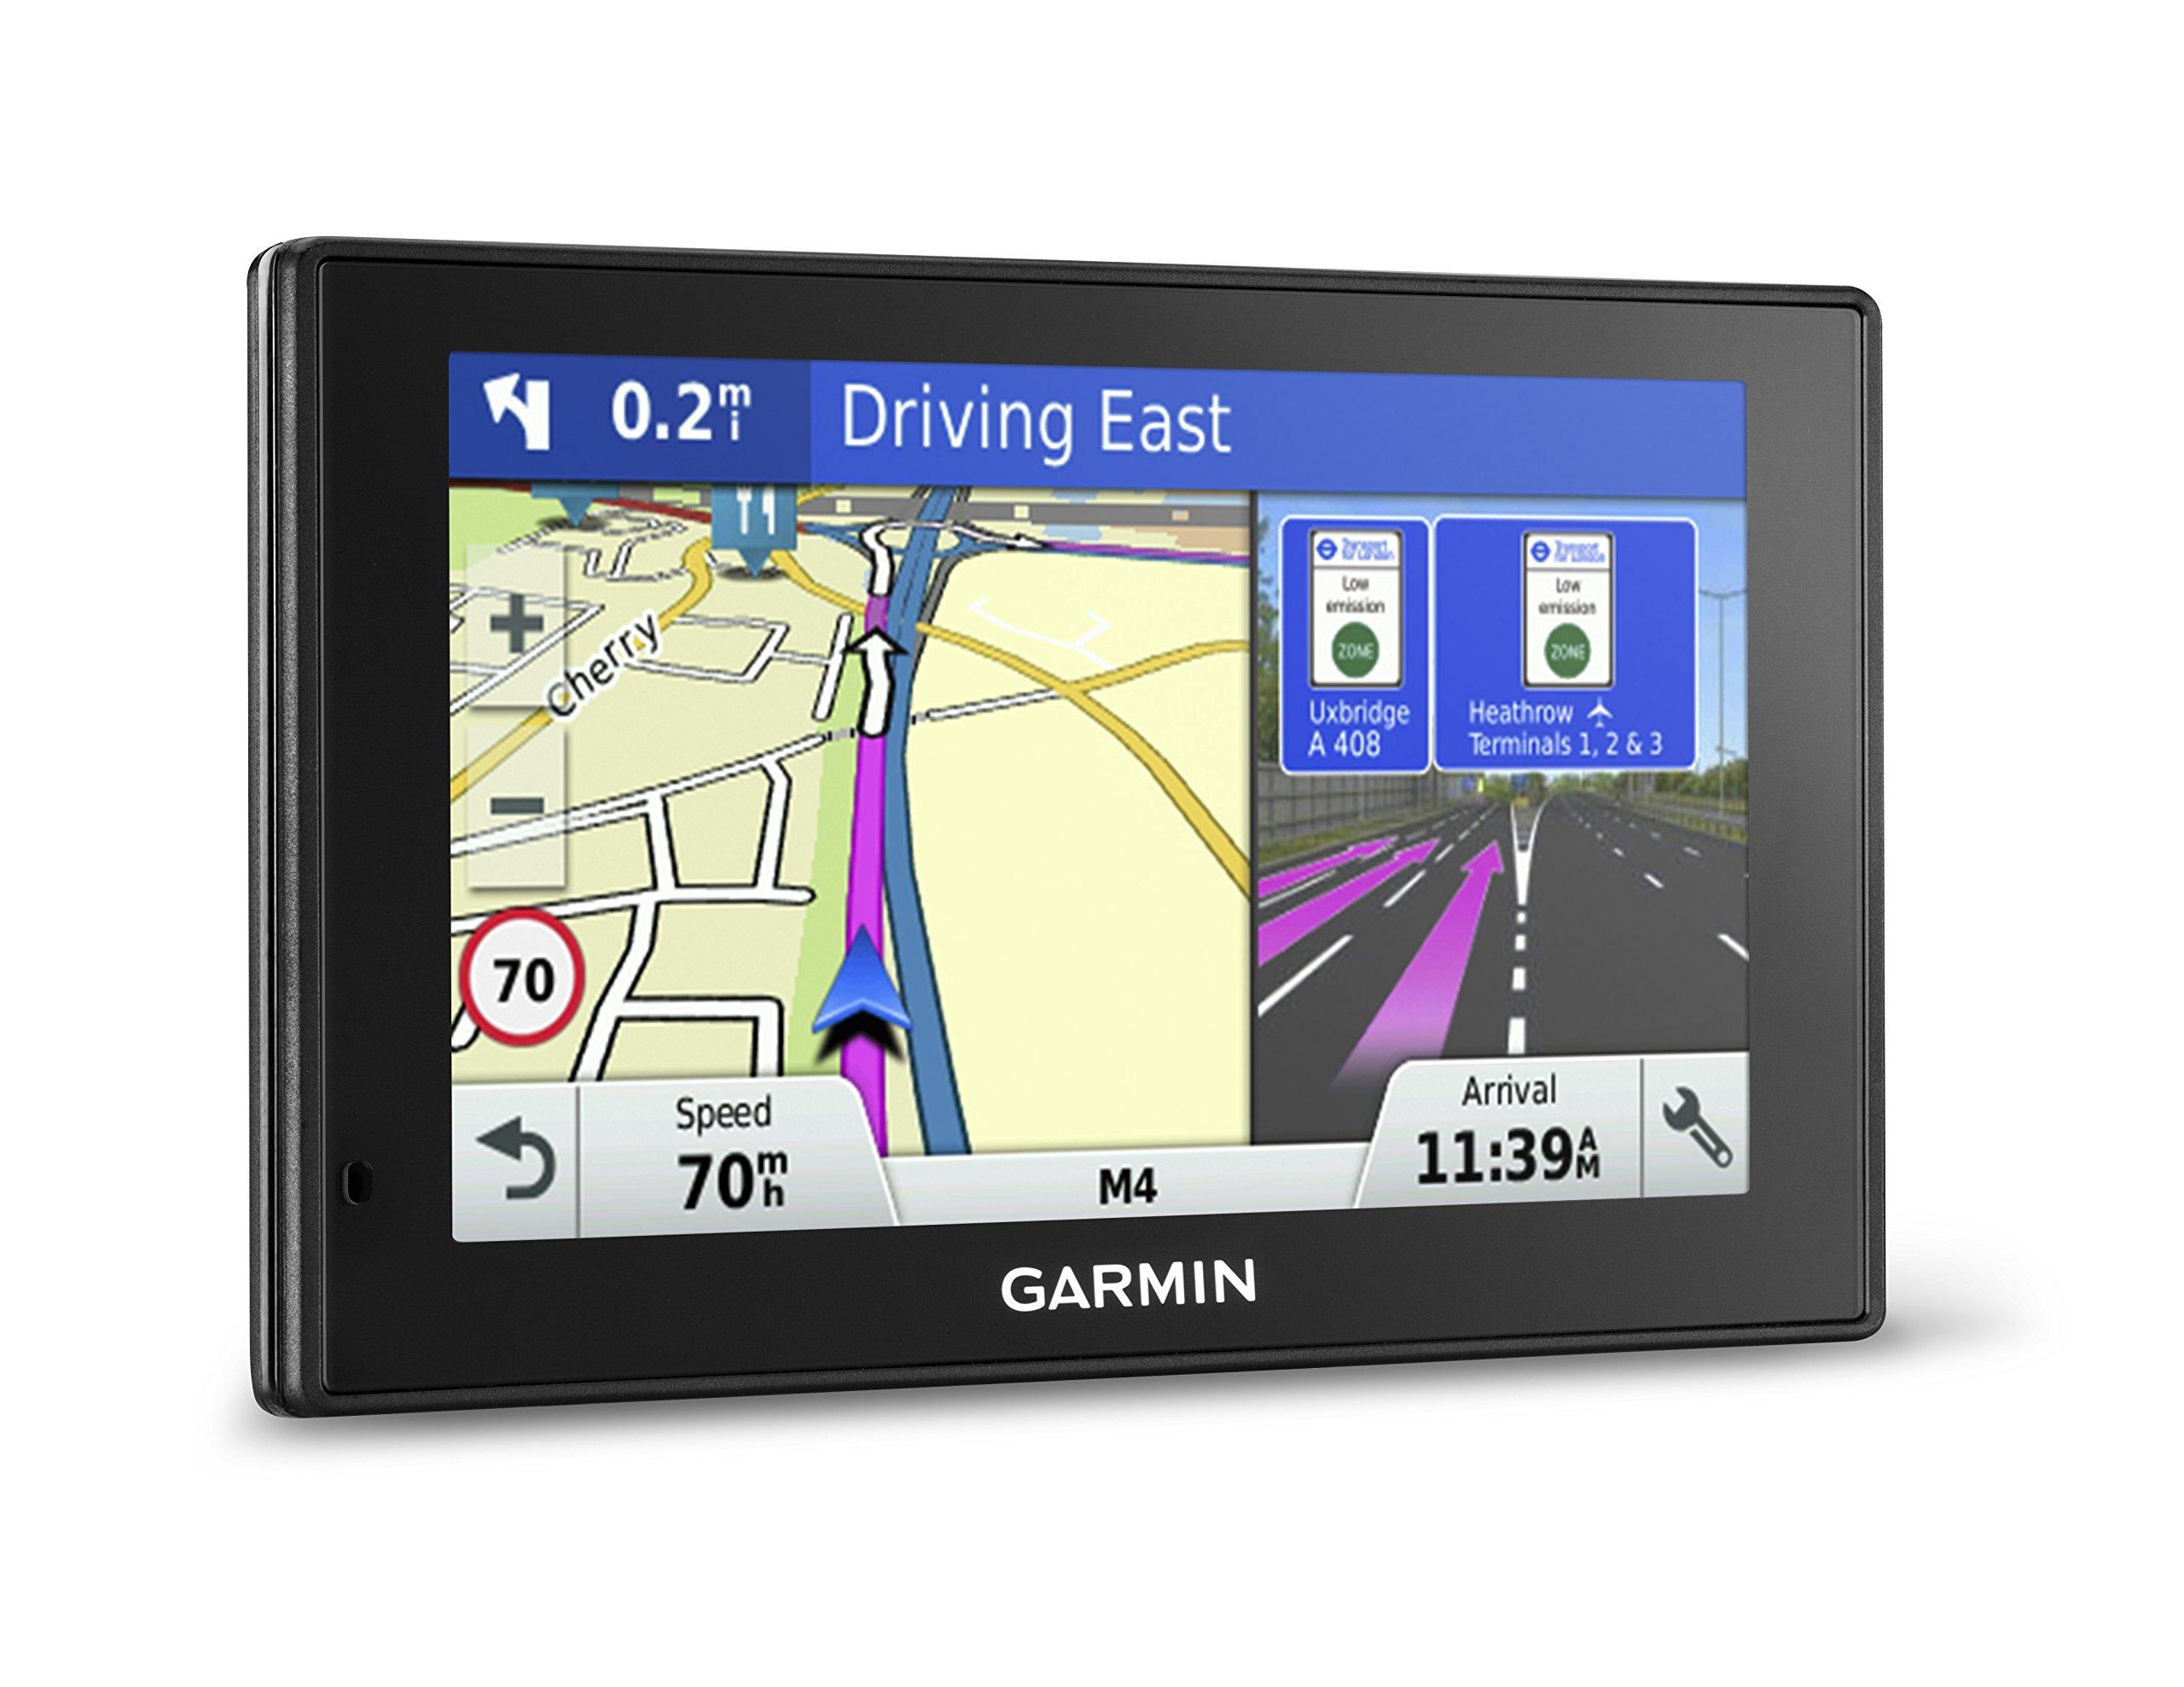 Garmin-Navigationsgert